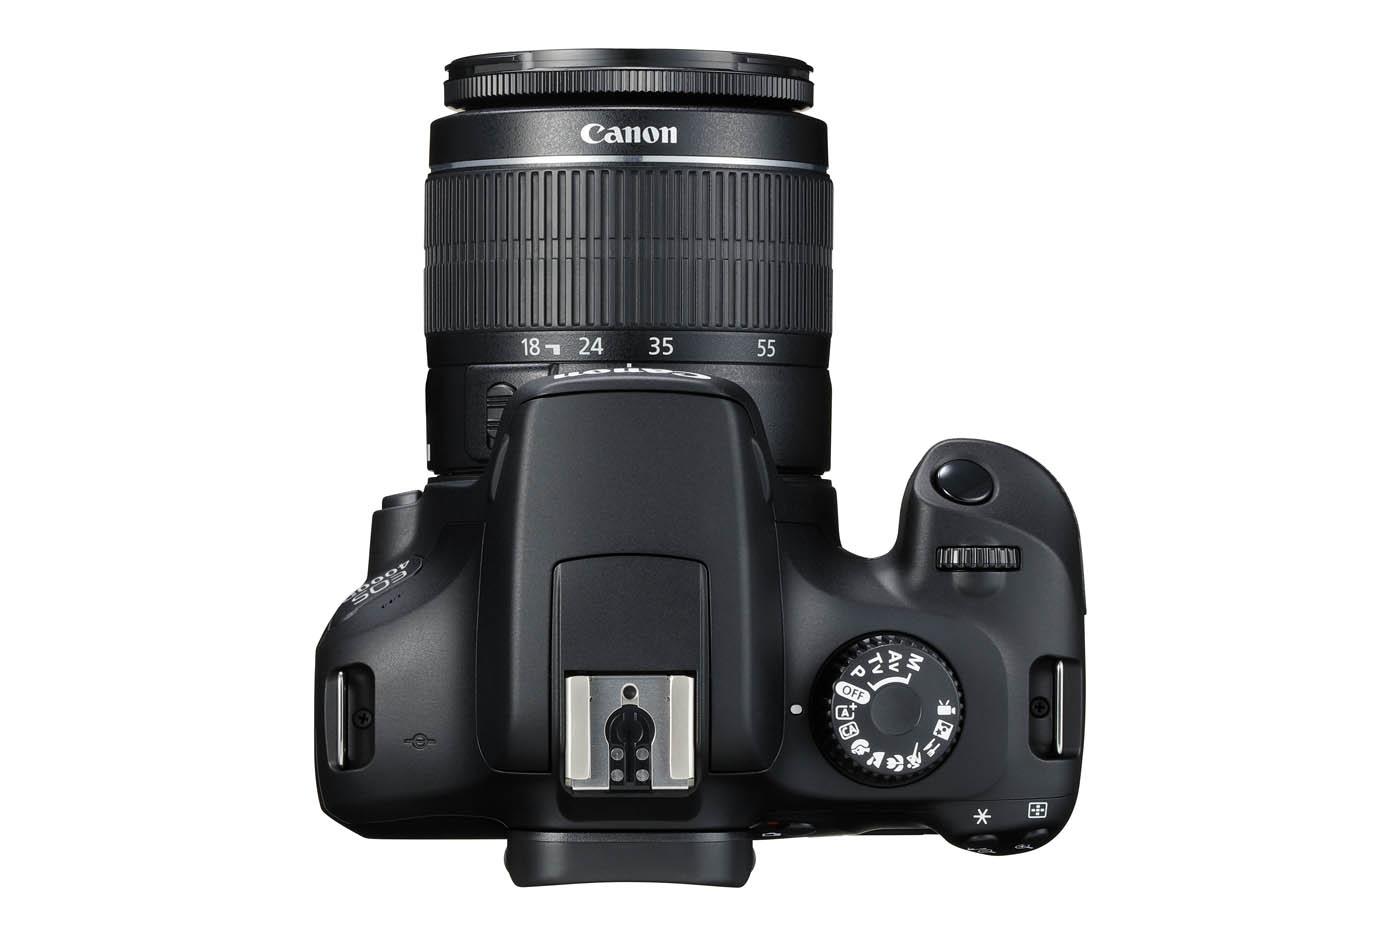 abd8eec4a370fa Canon EOS 2000D et 4000D   mise à jour de l entrée de gamme reflex